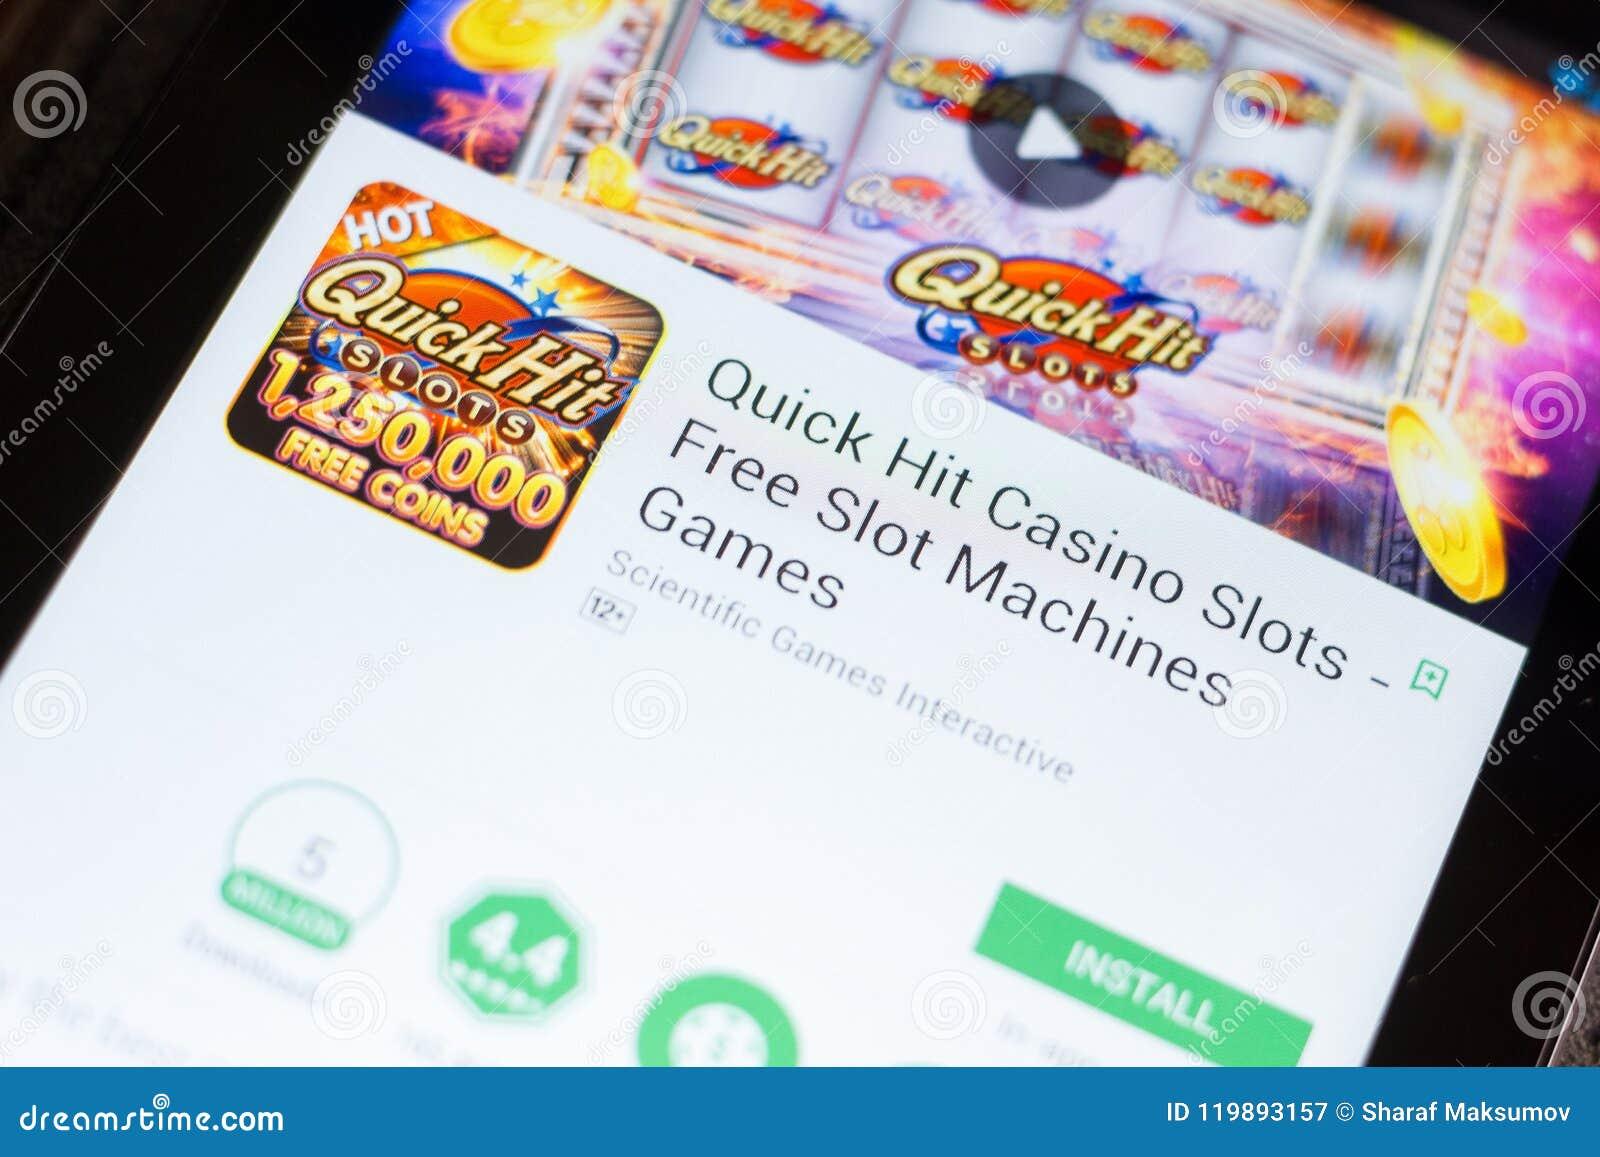 888 usa casinos kostenloser geld